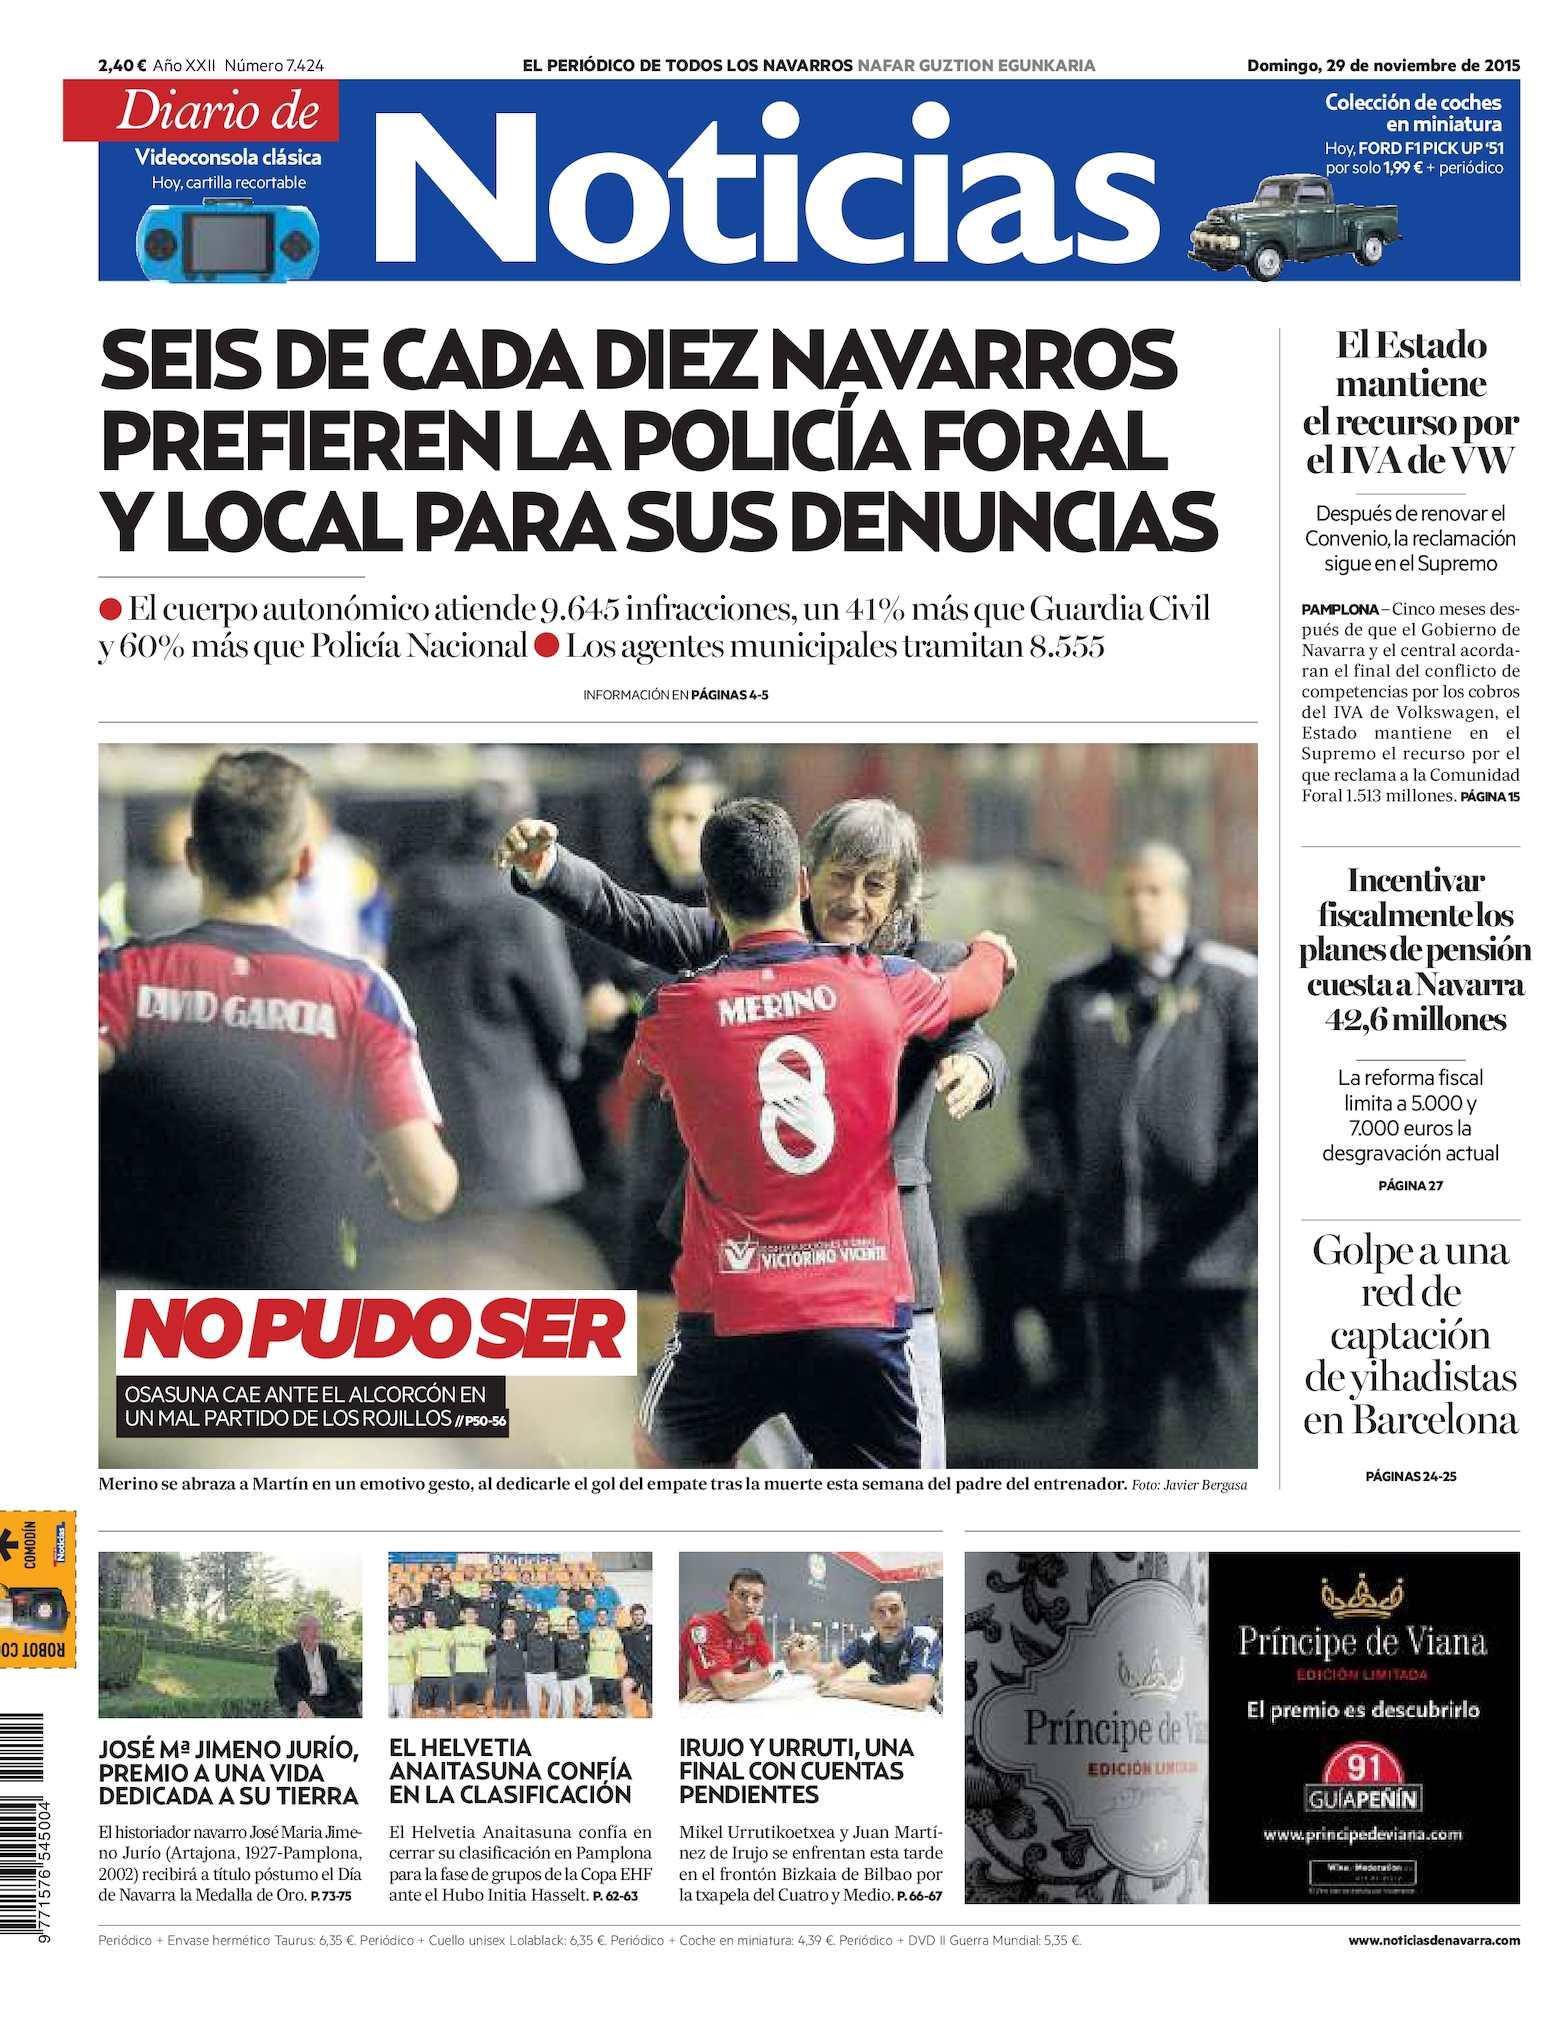 d5664f9b94805 Calaméo - Diario de Noticias 20151129